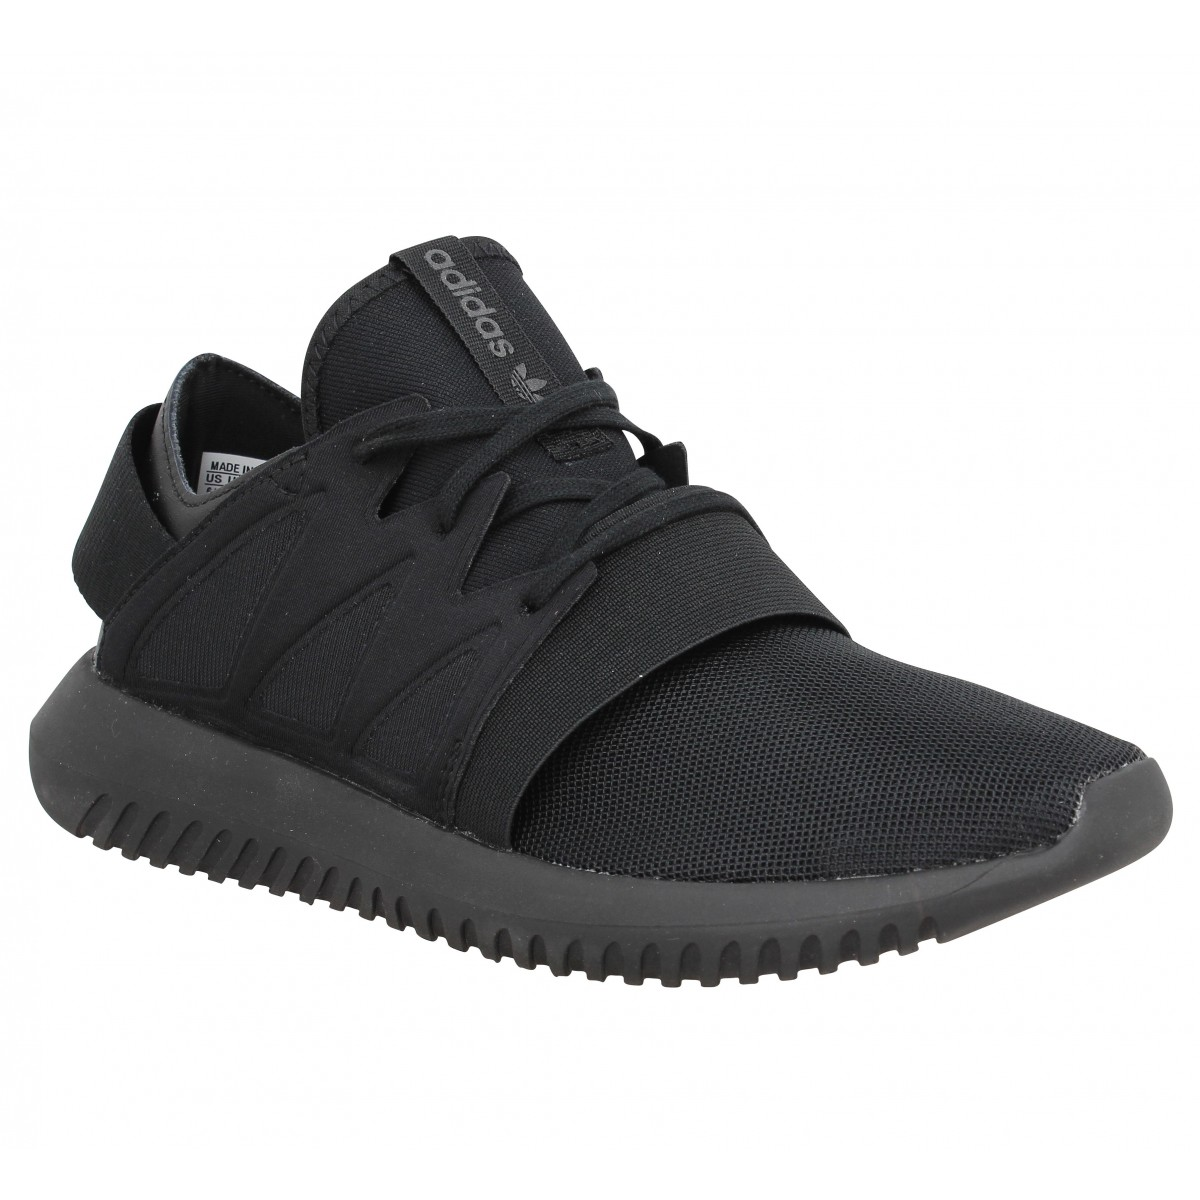 Adidas Femme Tubular Viral-37 1/3-black